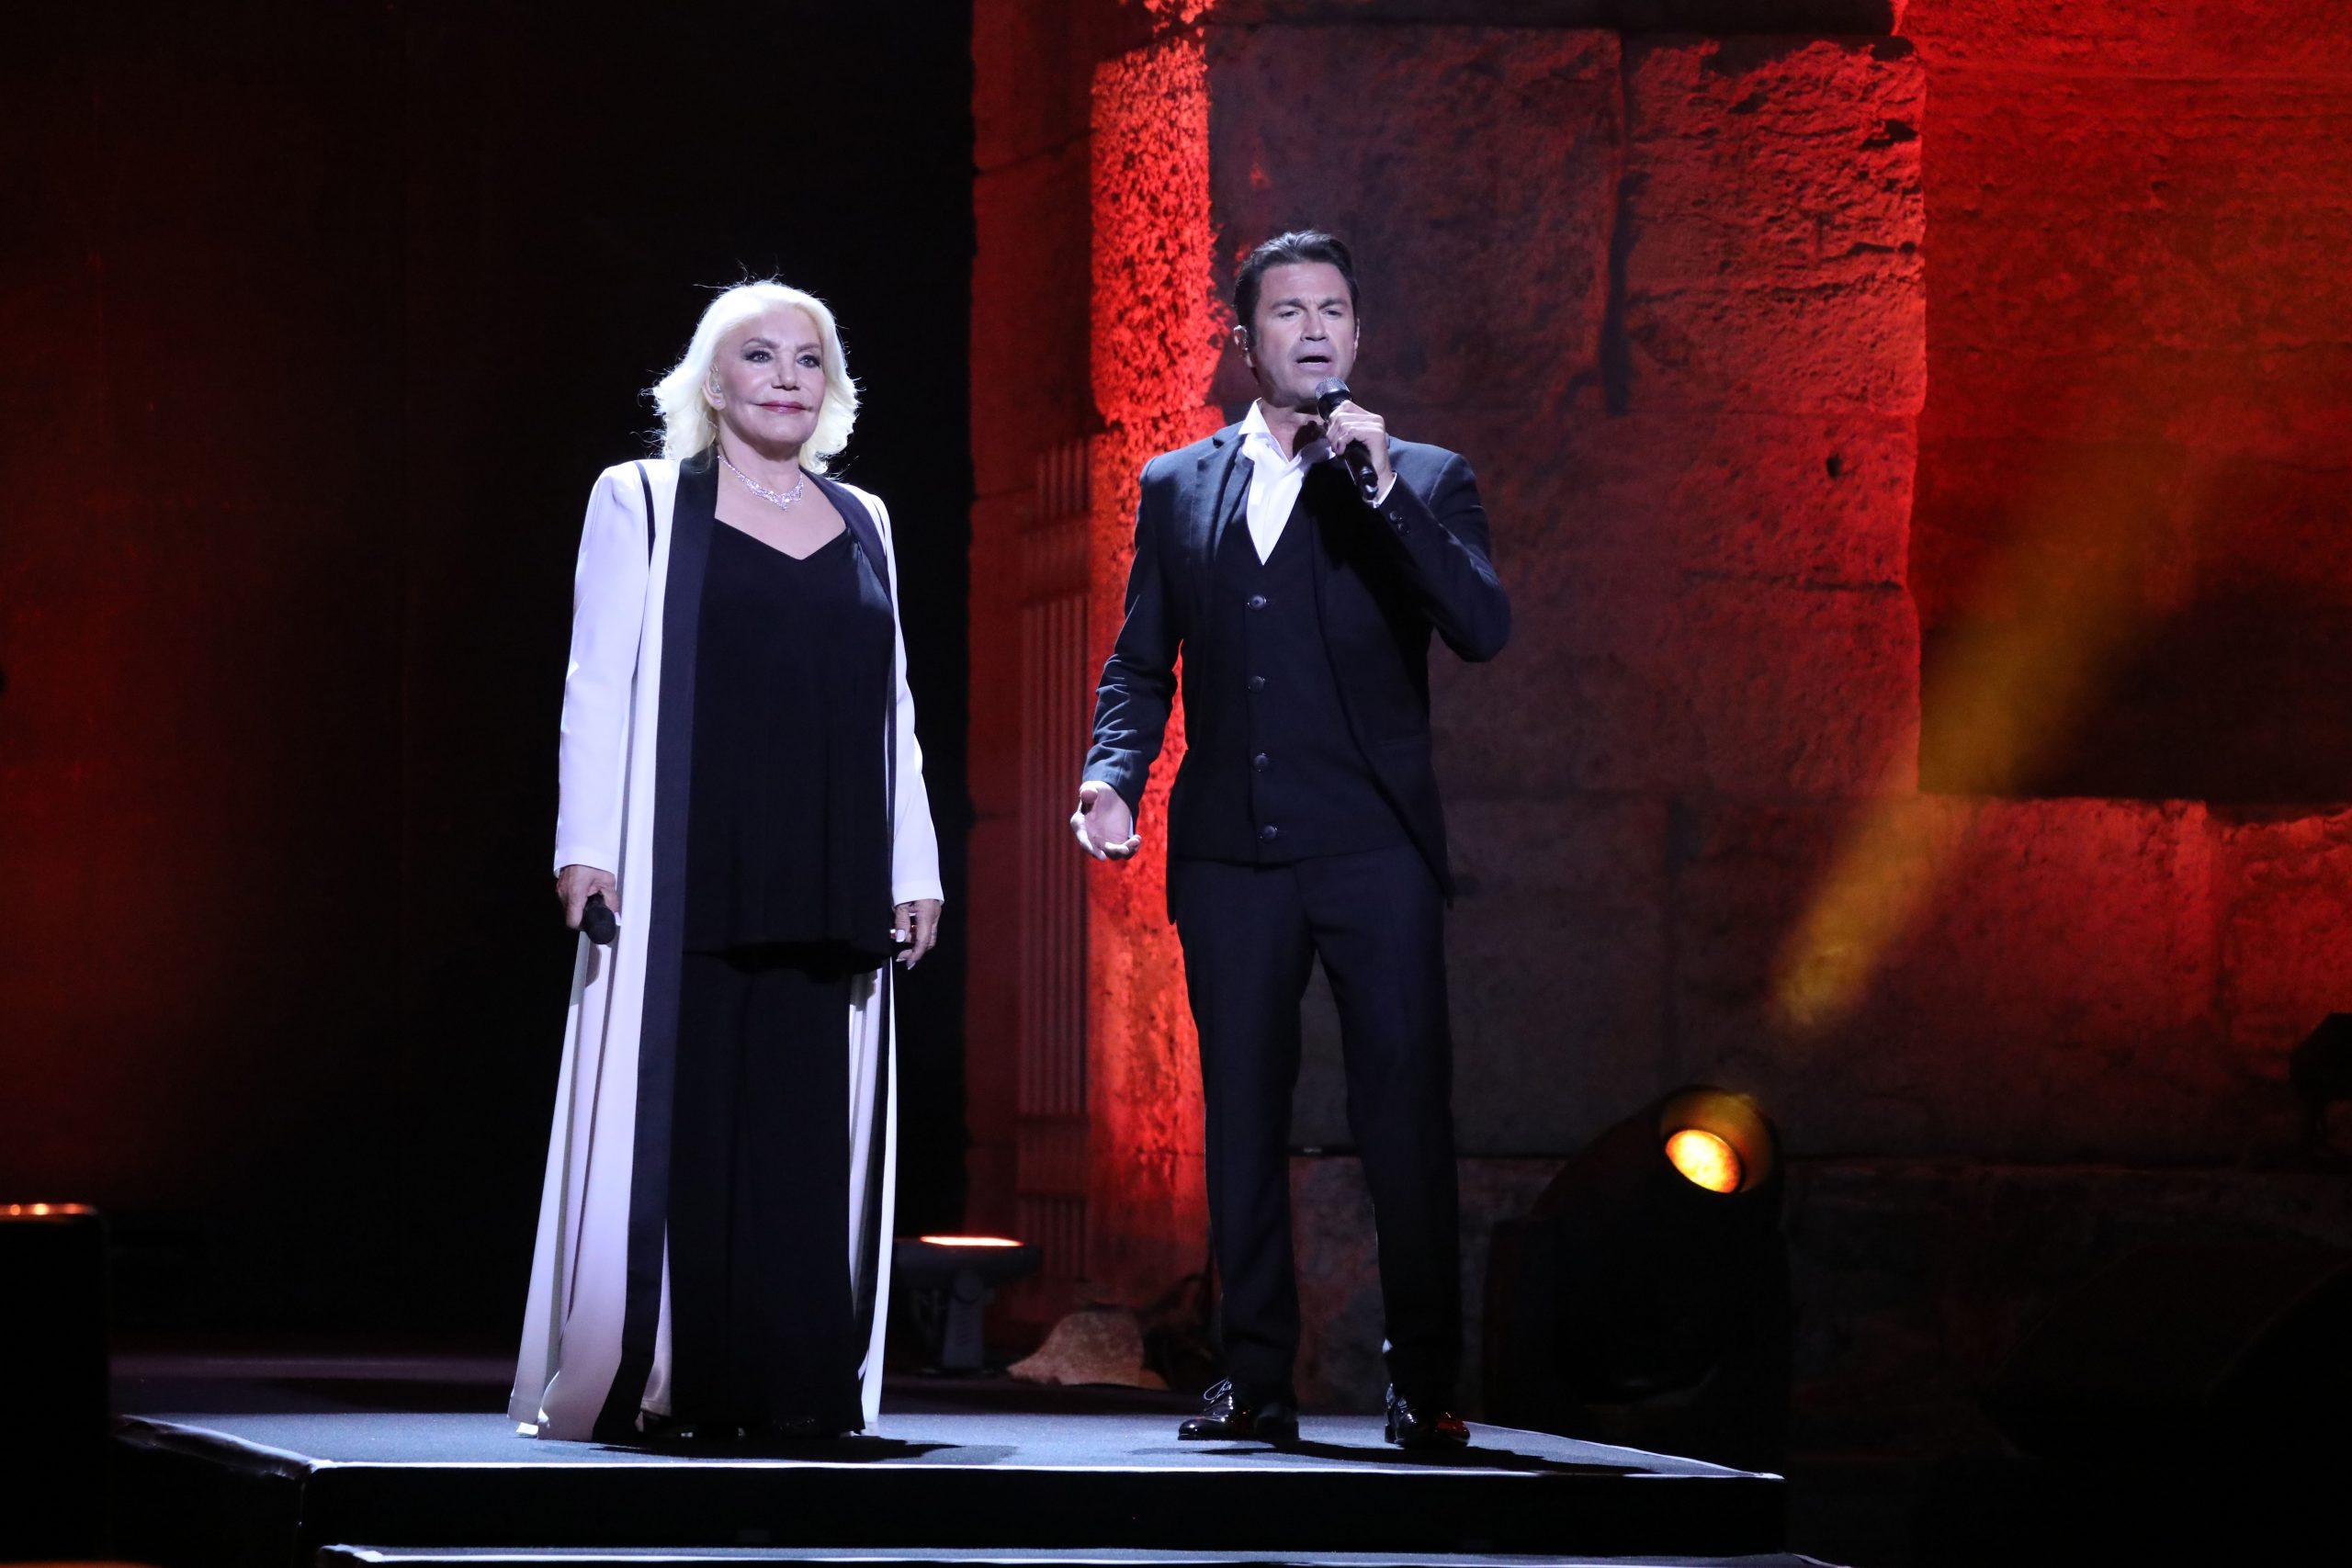 Η Stoiximan φέρνει τη Μαρινέλλα και τον Μάριο Φραγκούλη στην Κύπρο στη συναυλία της χρονιάς